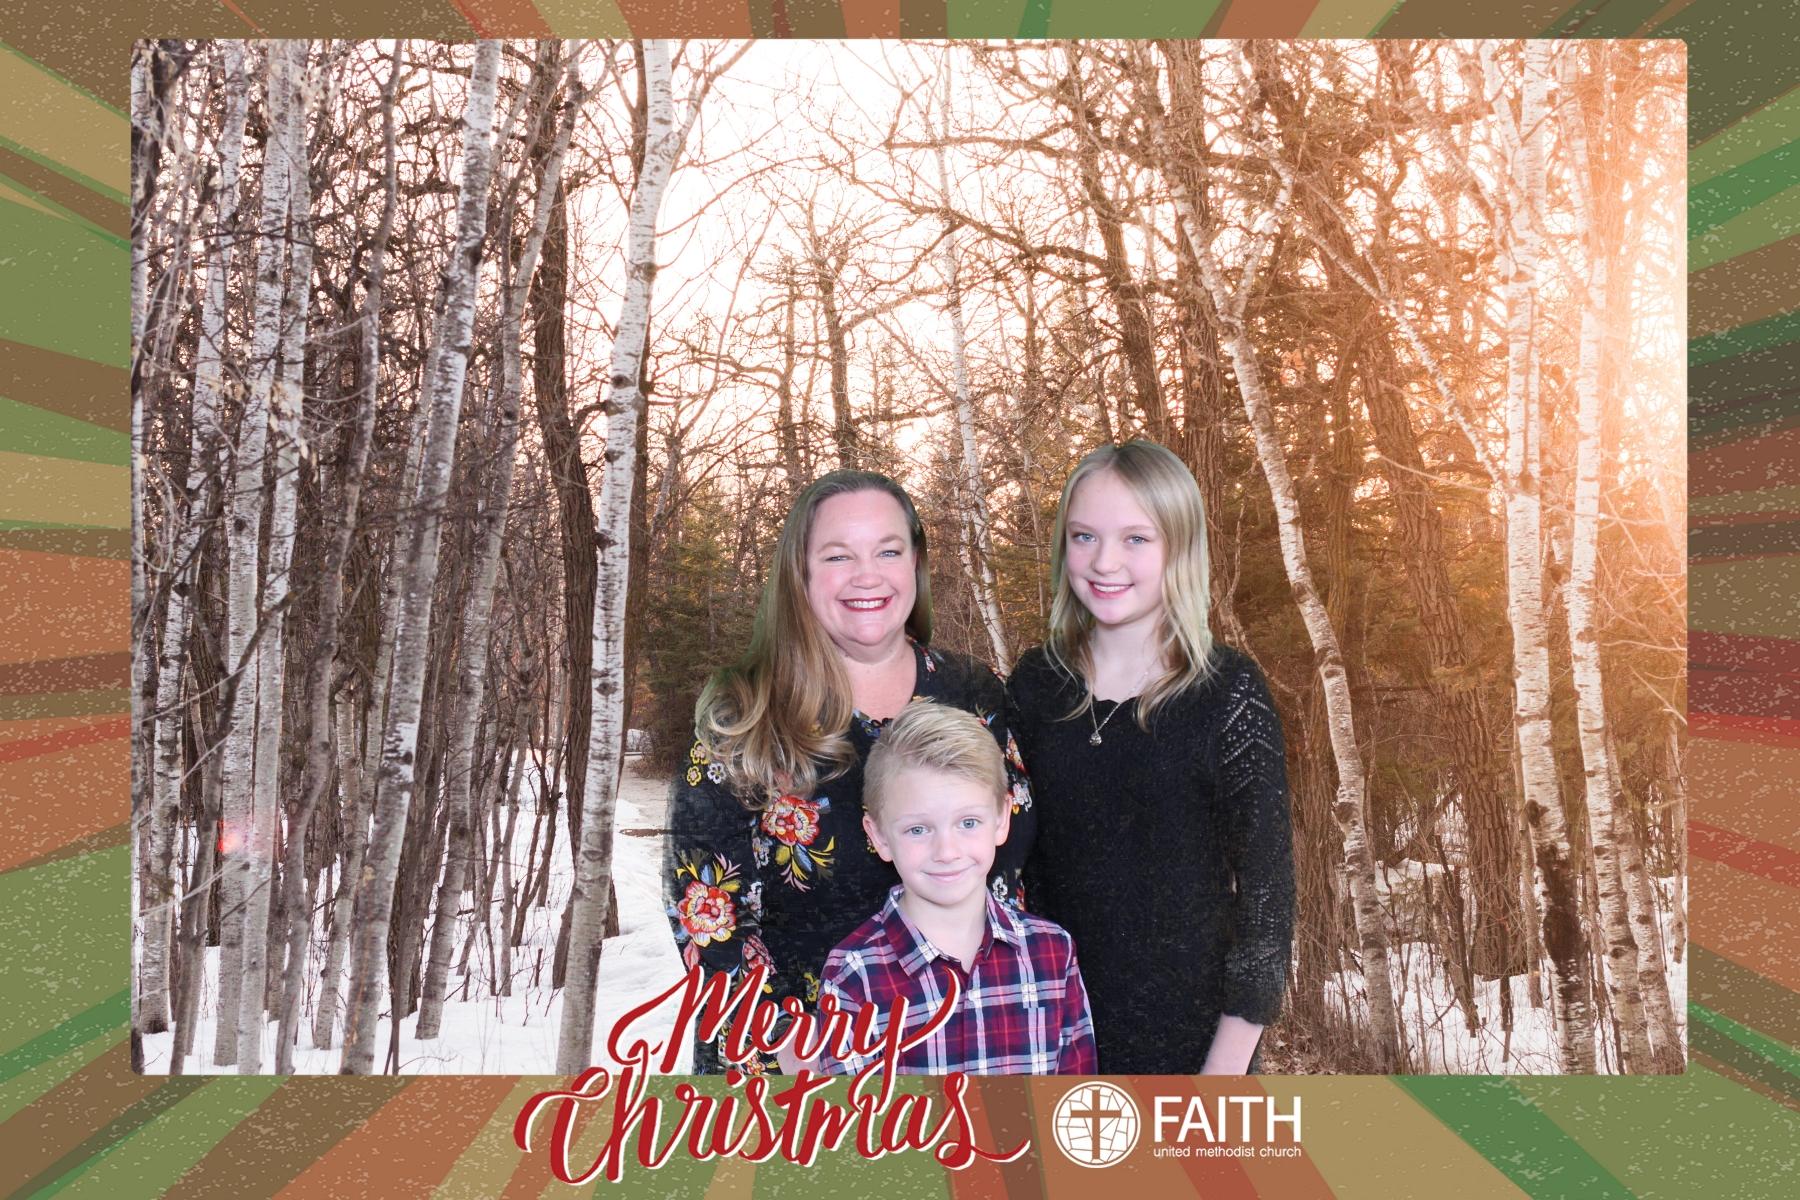 Faith2018_2018-12-24_15-24-36.jpg